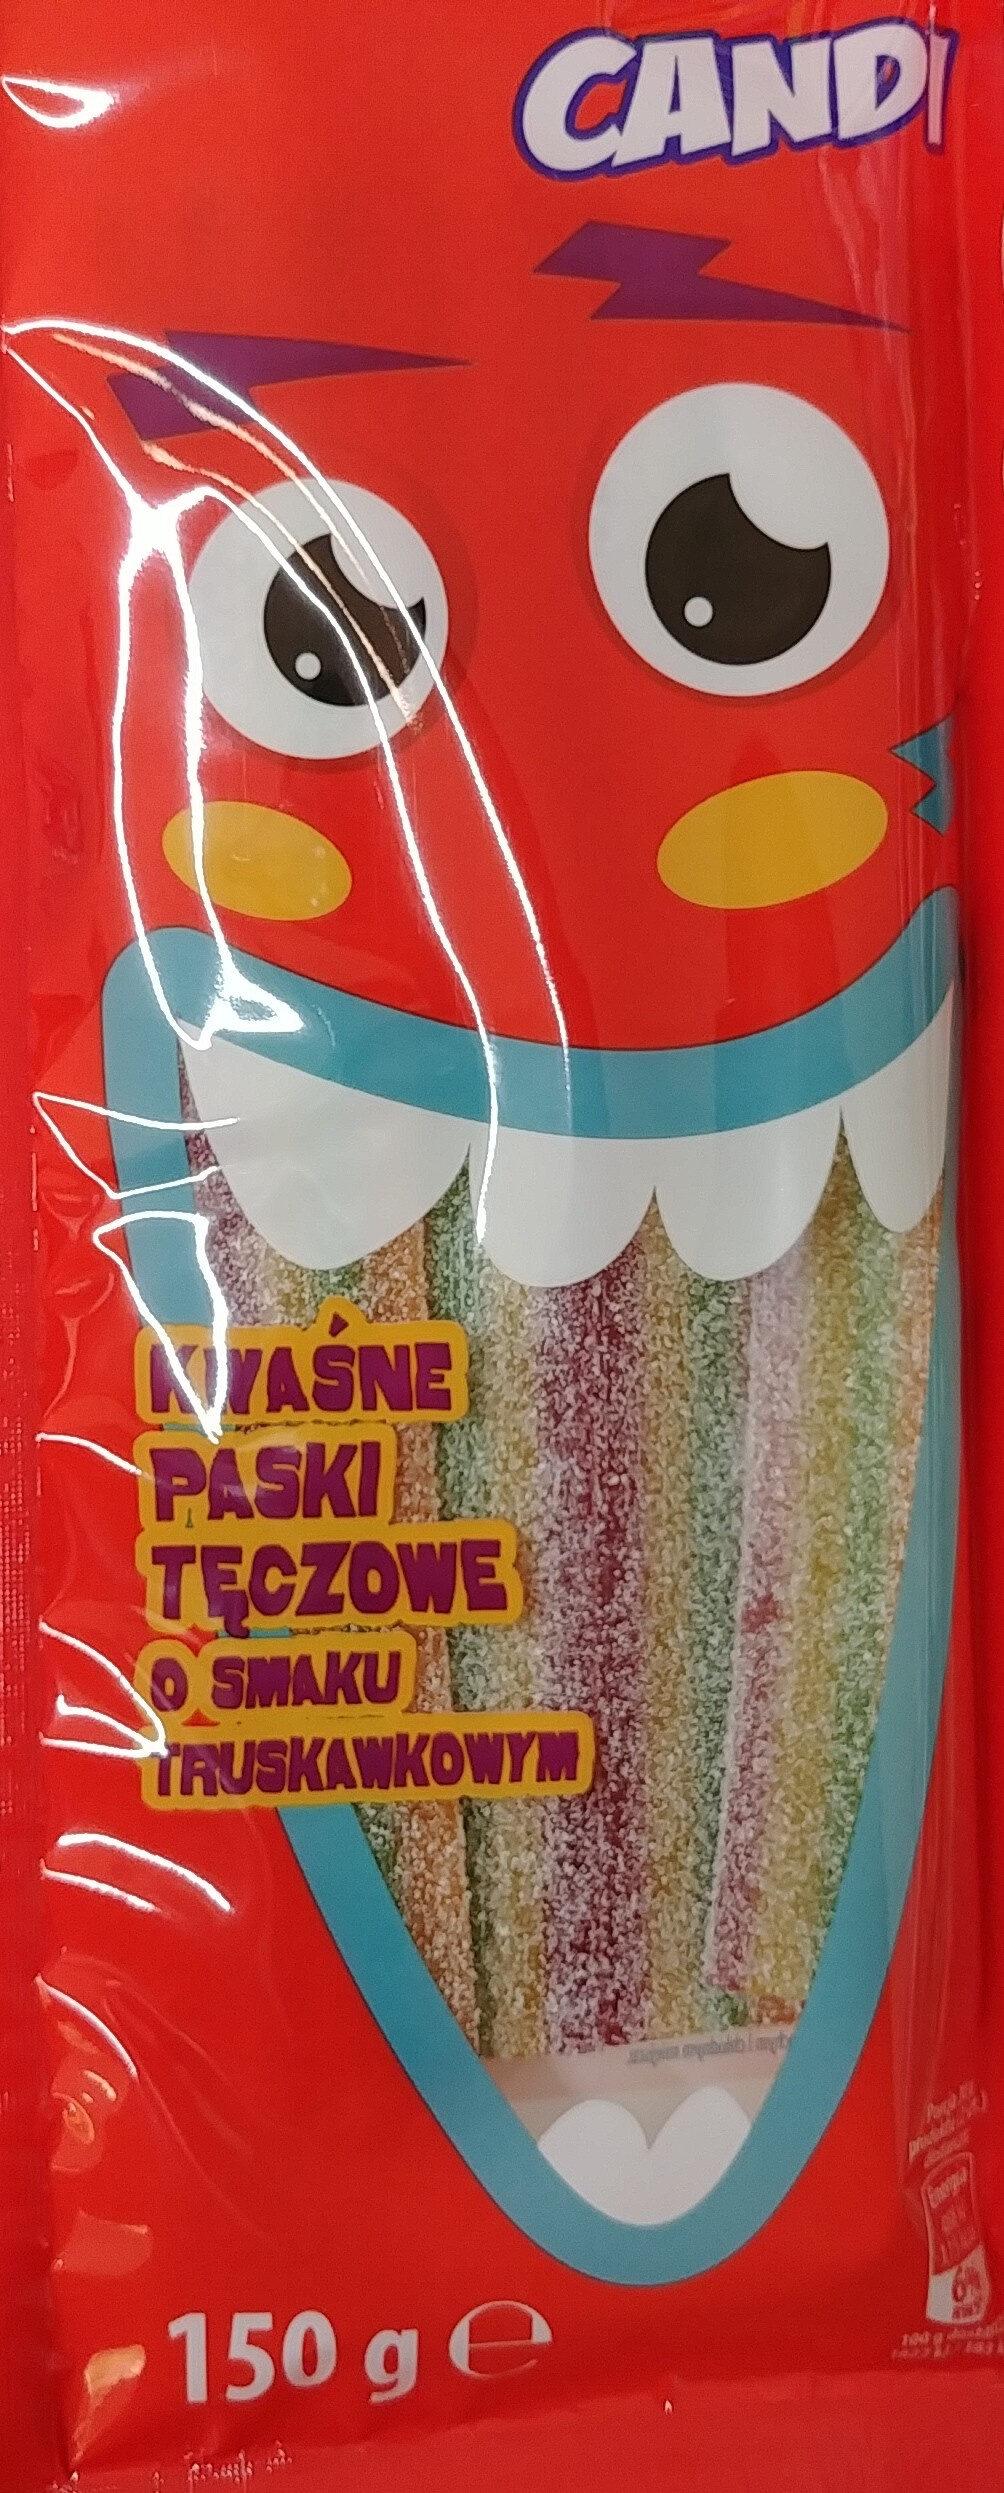 Kwaśne paski tęczowe o smaku kwaśnym. - Produkt - pl